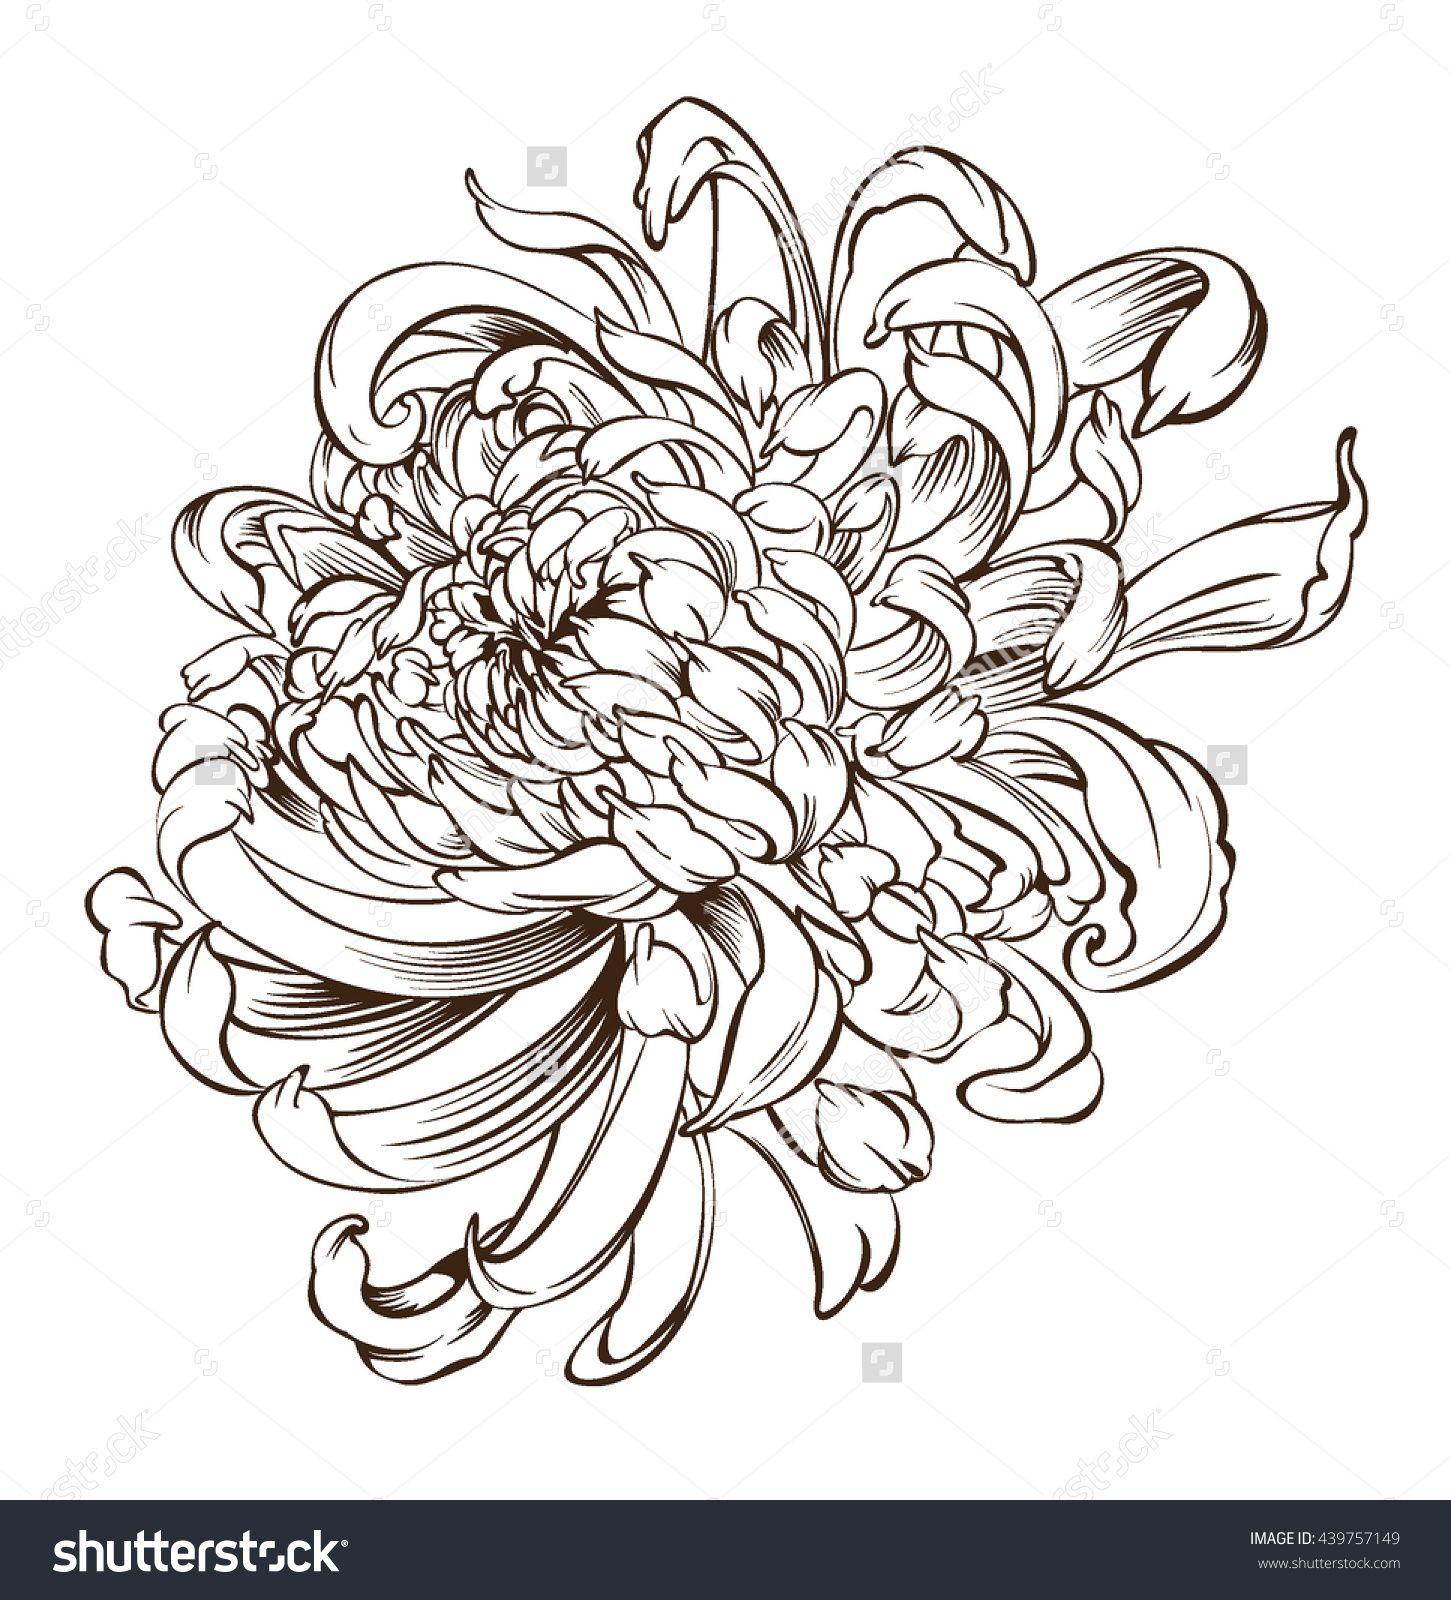 Related Image Chrysanthemum Tattoo Japanese Flower Tattoo Japanese Tattoo Designs